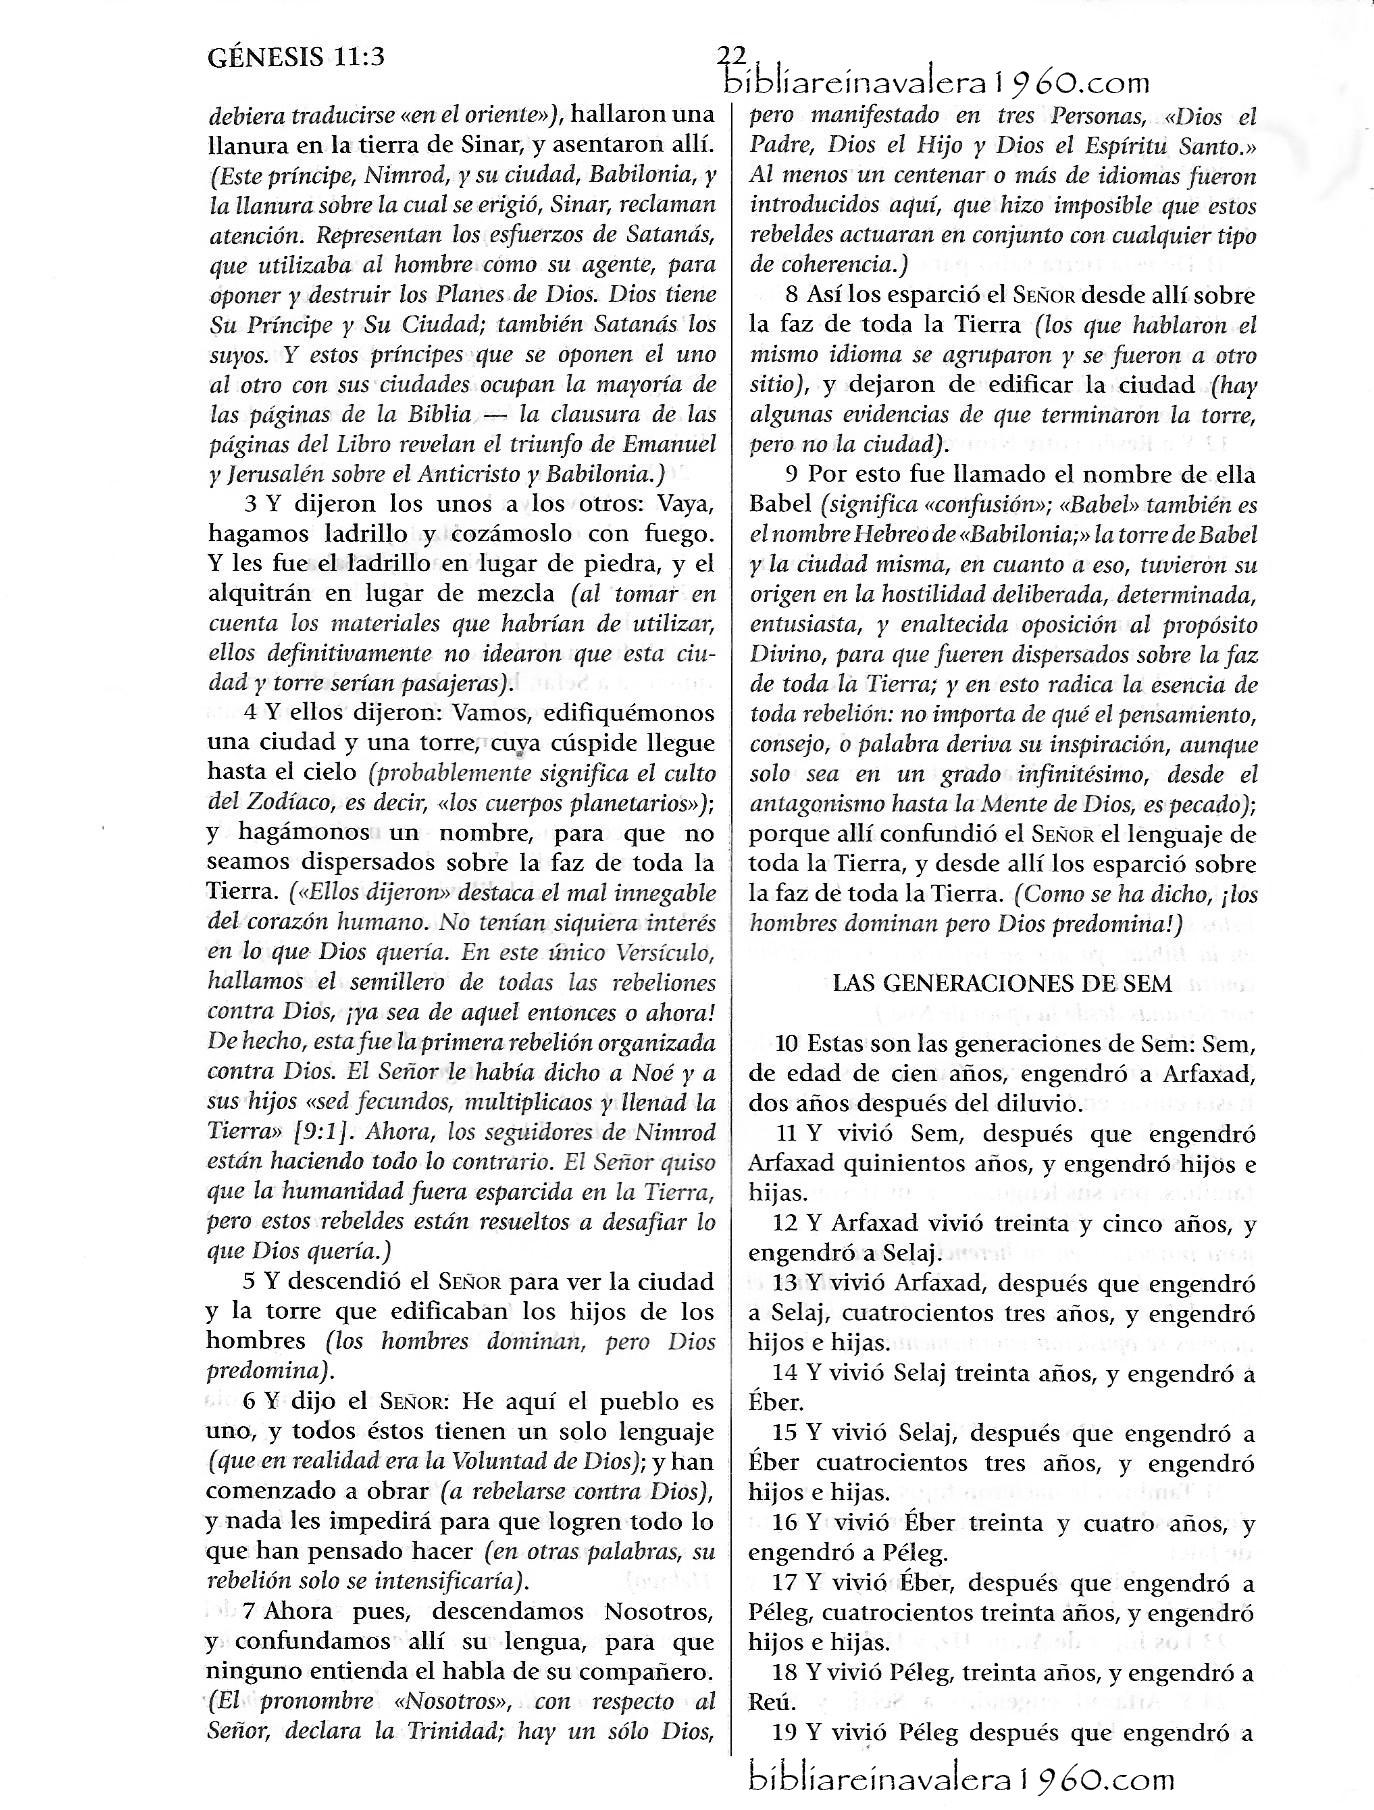 genesis 11 explicacion Genesis 11 Explicacion 22